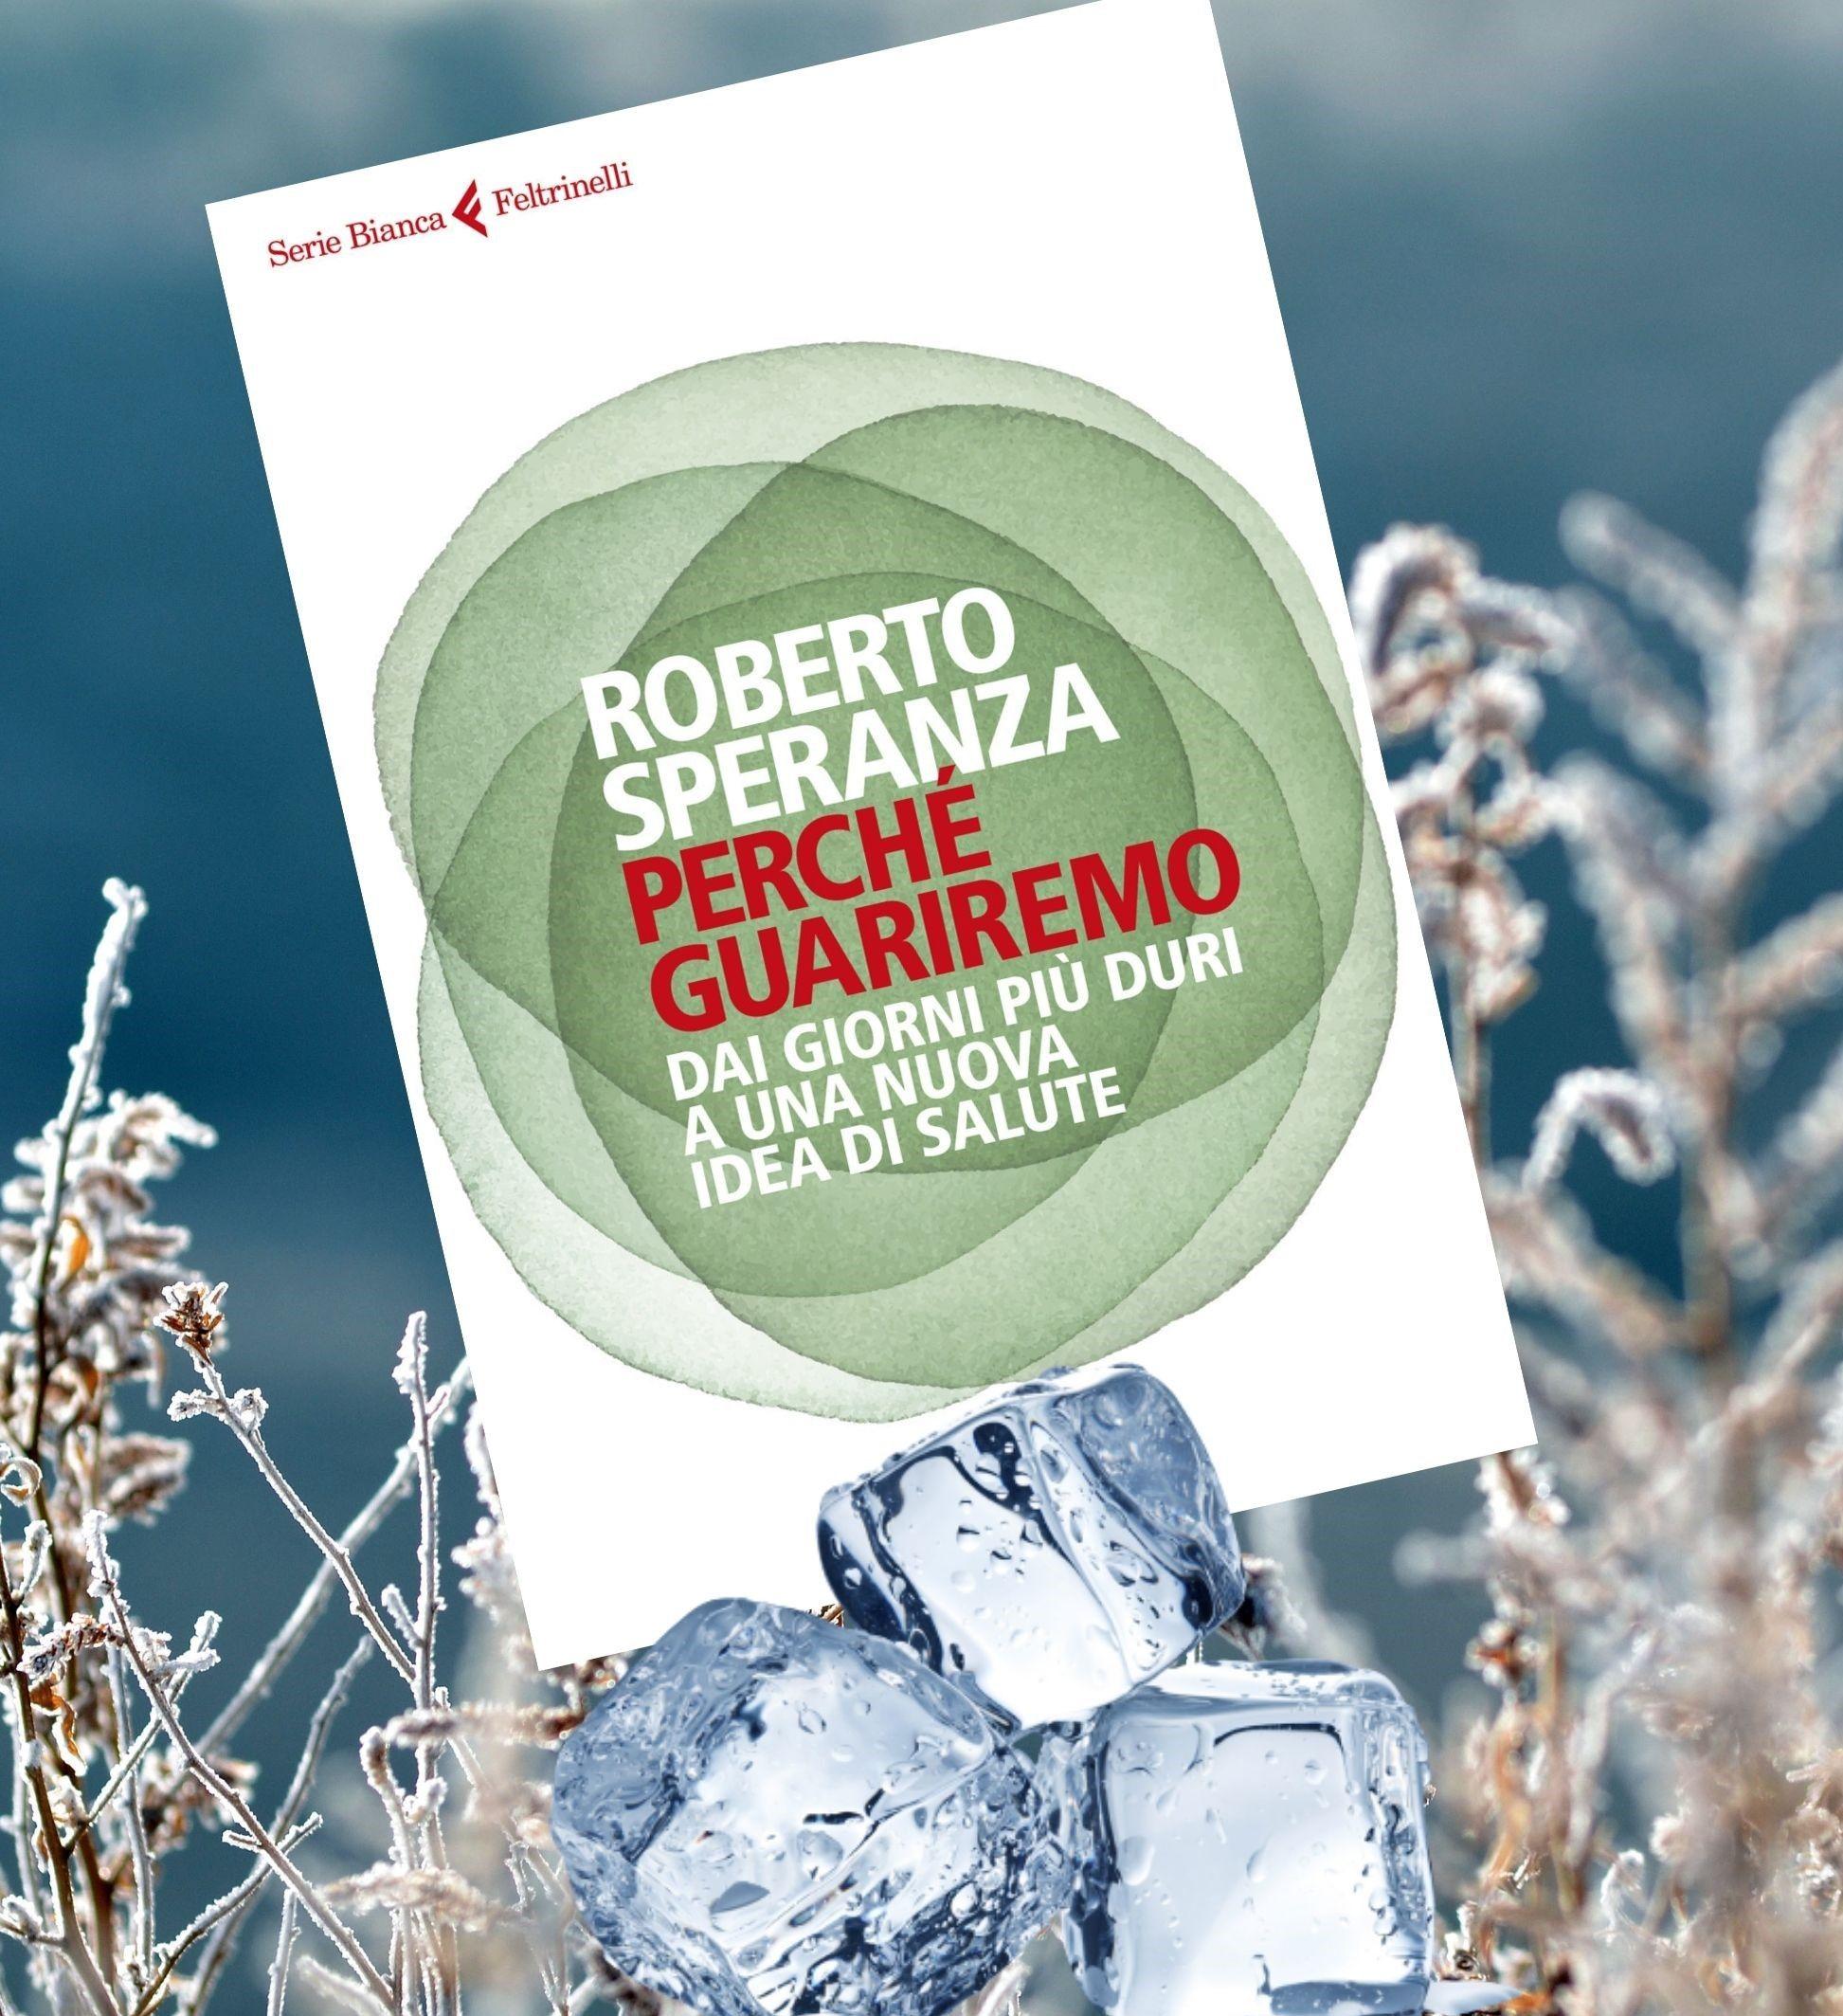 """La vendita di """"Perché guariremo"""" di Roberto Speranza è posticipata a data da definirsi: e se fosse che…"""